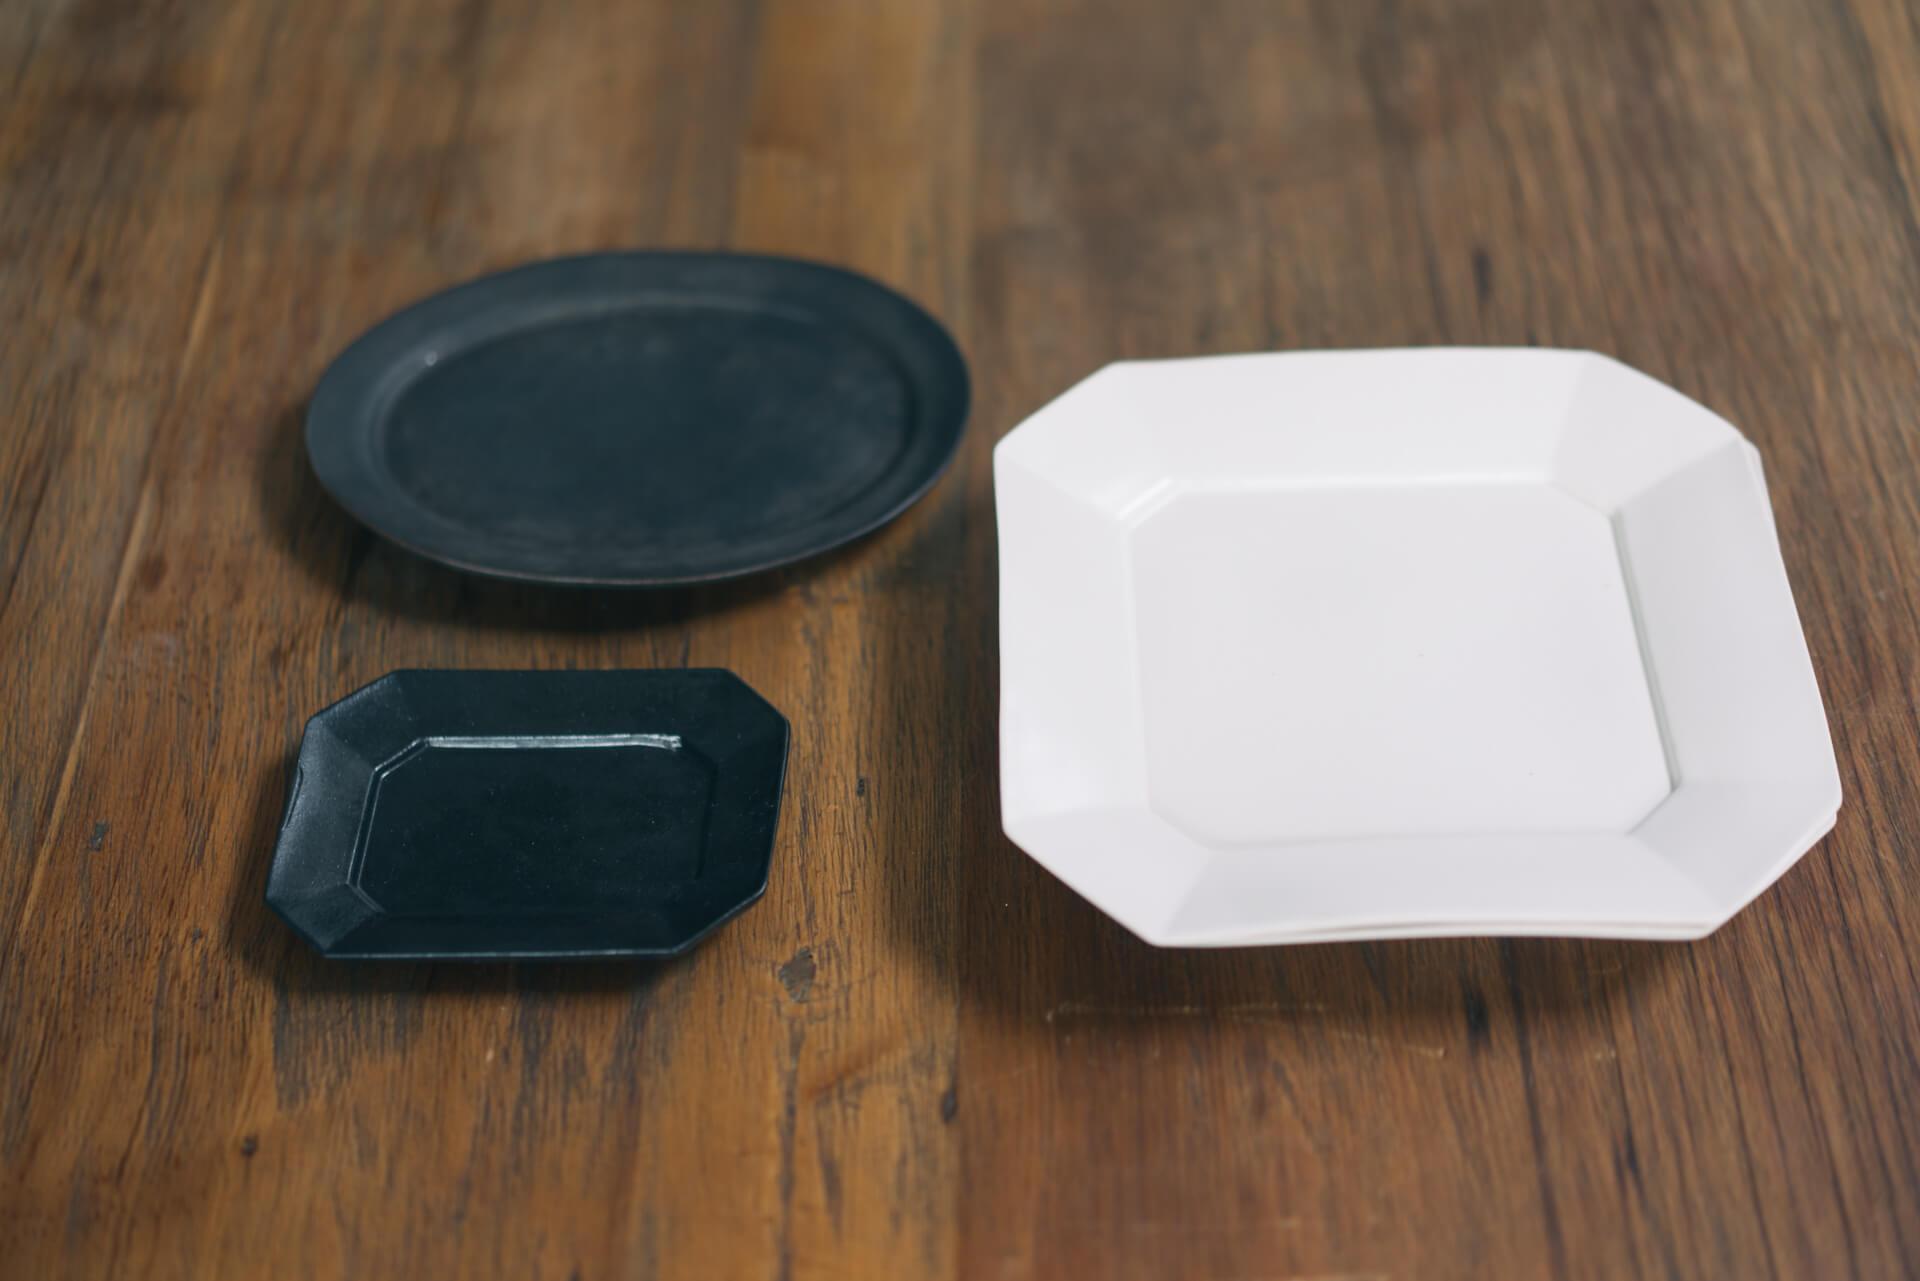 幾何学的な形とモノトーンのシンプルさがどんな料理にも合う、石川隆児さんの器。手前の小さな四角いお皿は井山三希子さんのもの。